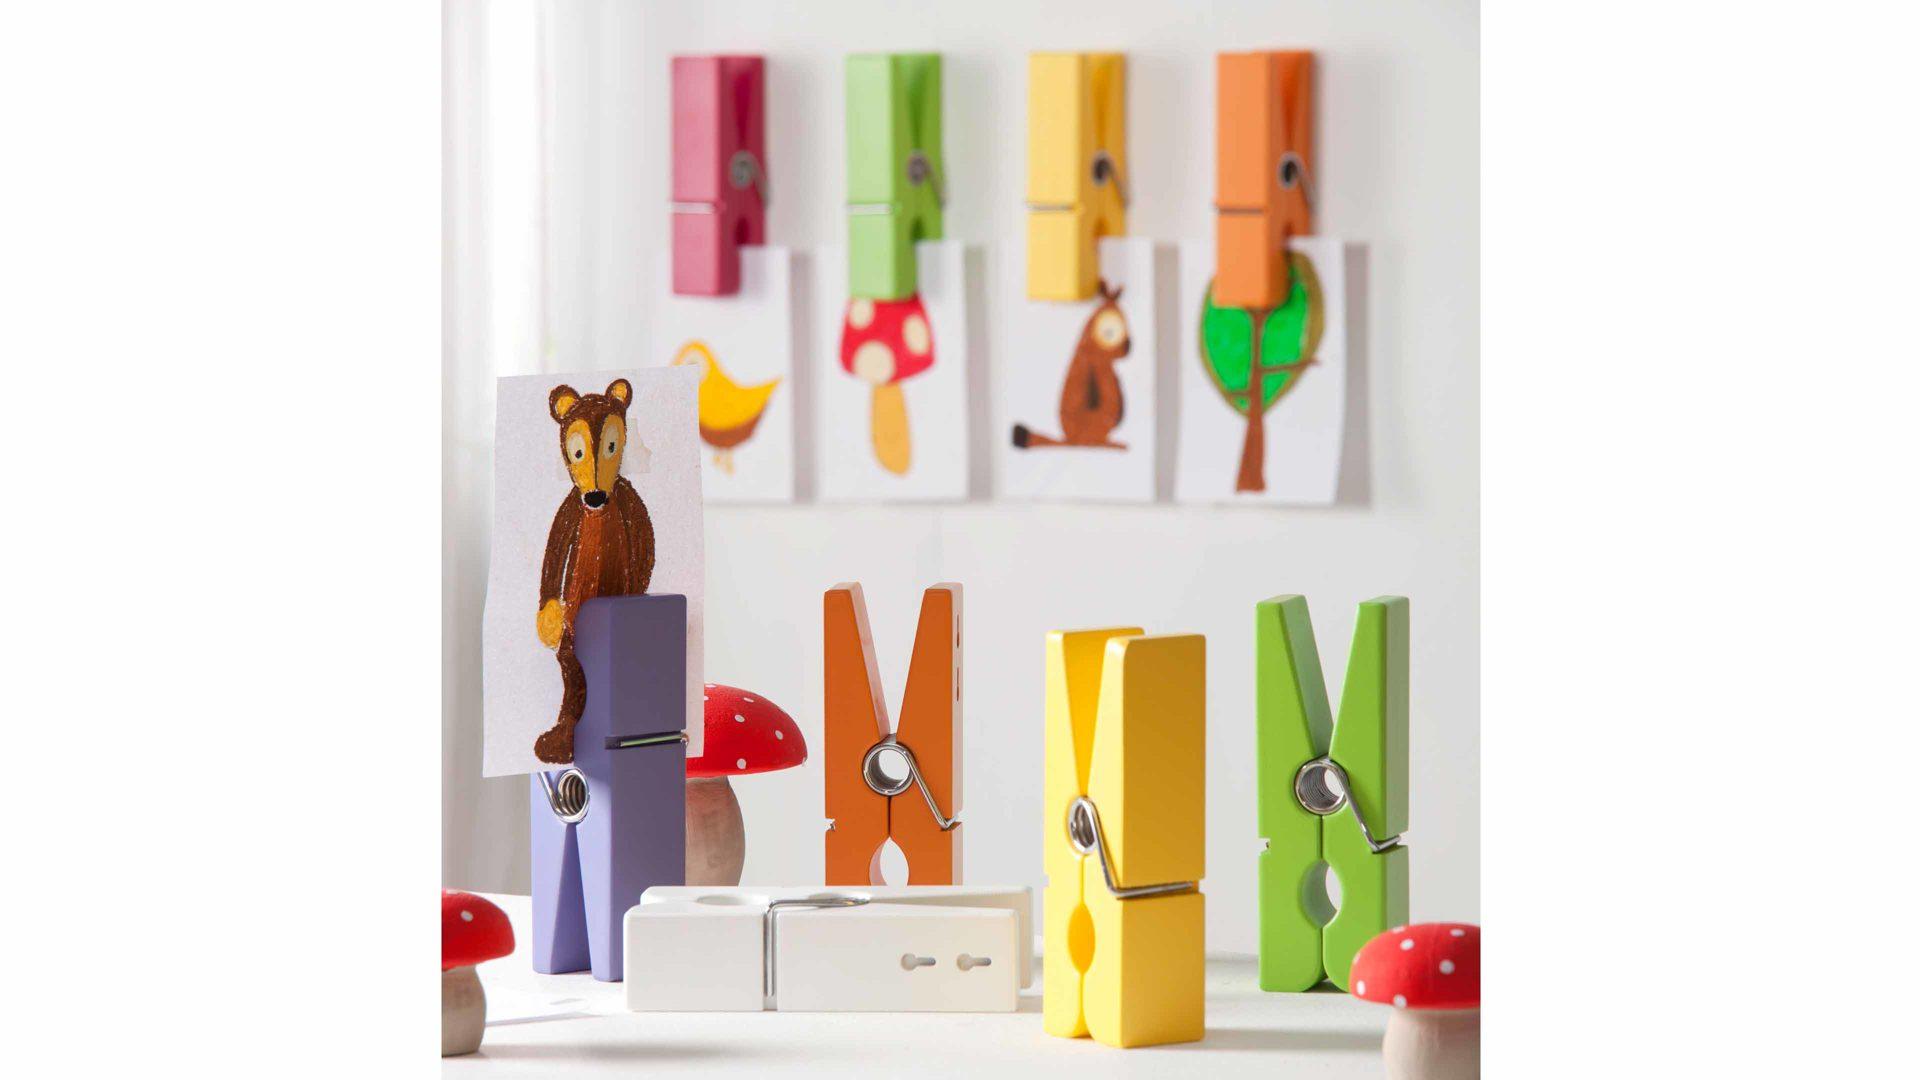 Wohnland Breitwieser | Räume | Jugendzimmer + Kinderzimmer | Accessoires |  XXL Klammer | Aus Kunststoff, XXL Klammer, Günstiger, In Modern Junges  Wohnen, ...